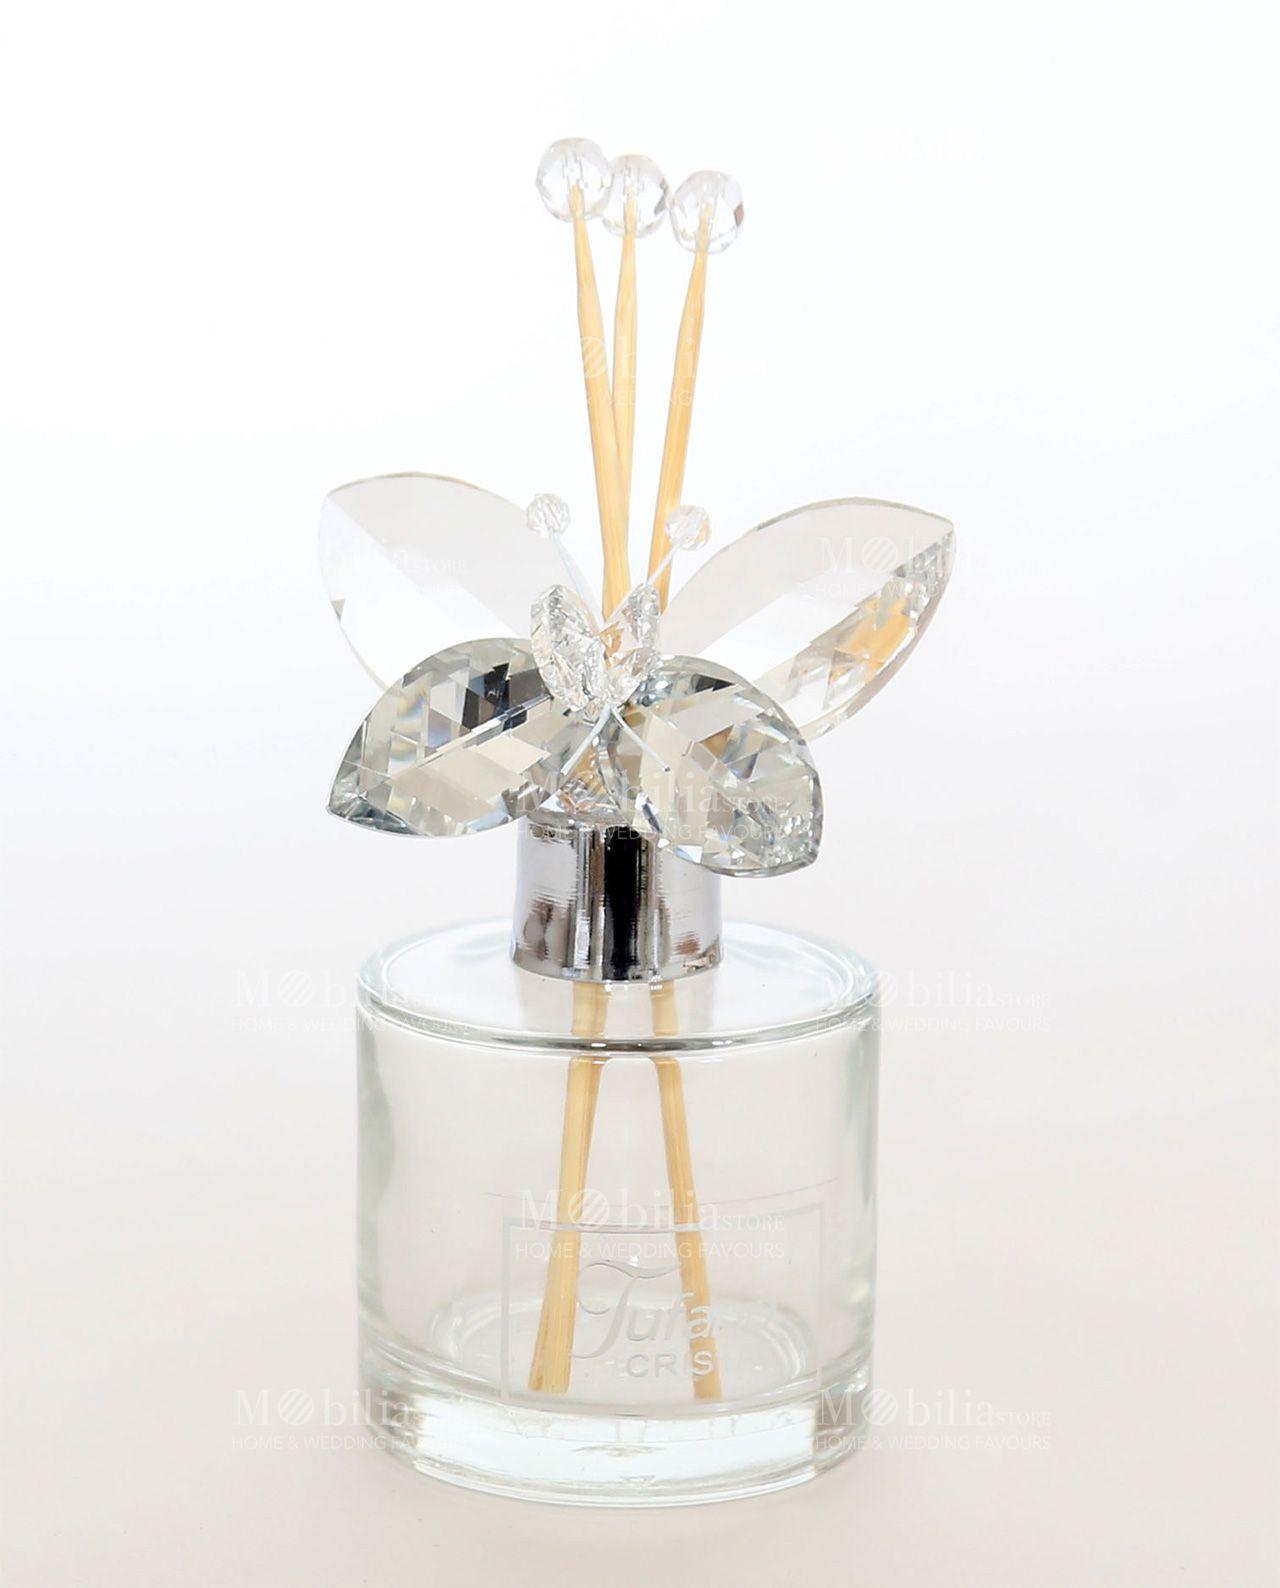 086a0426668d4c Profumatori ambiente Farfalla Swarovski Tufano, perfetti anche come  bomboniere. Eccezionali sconti Online su Mobilia